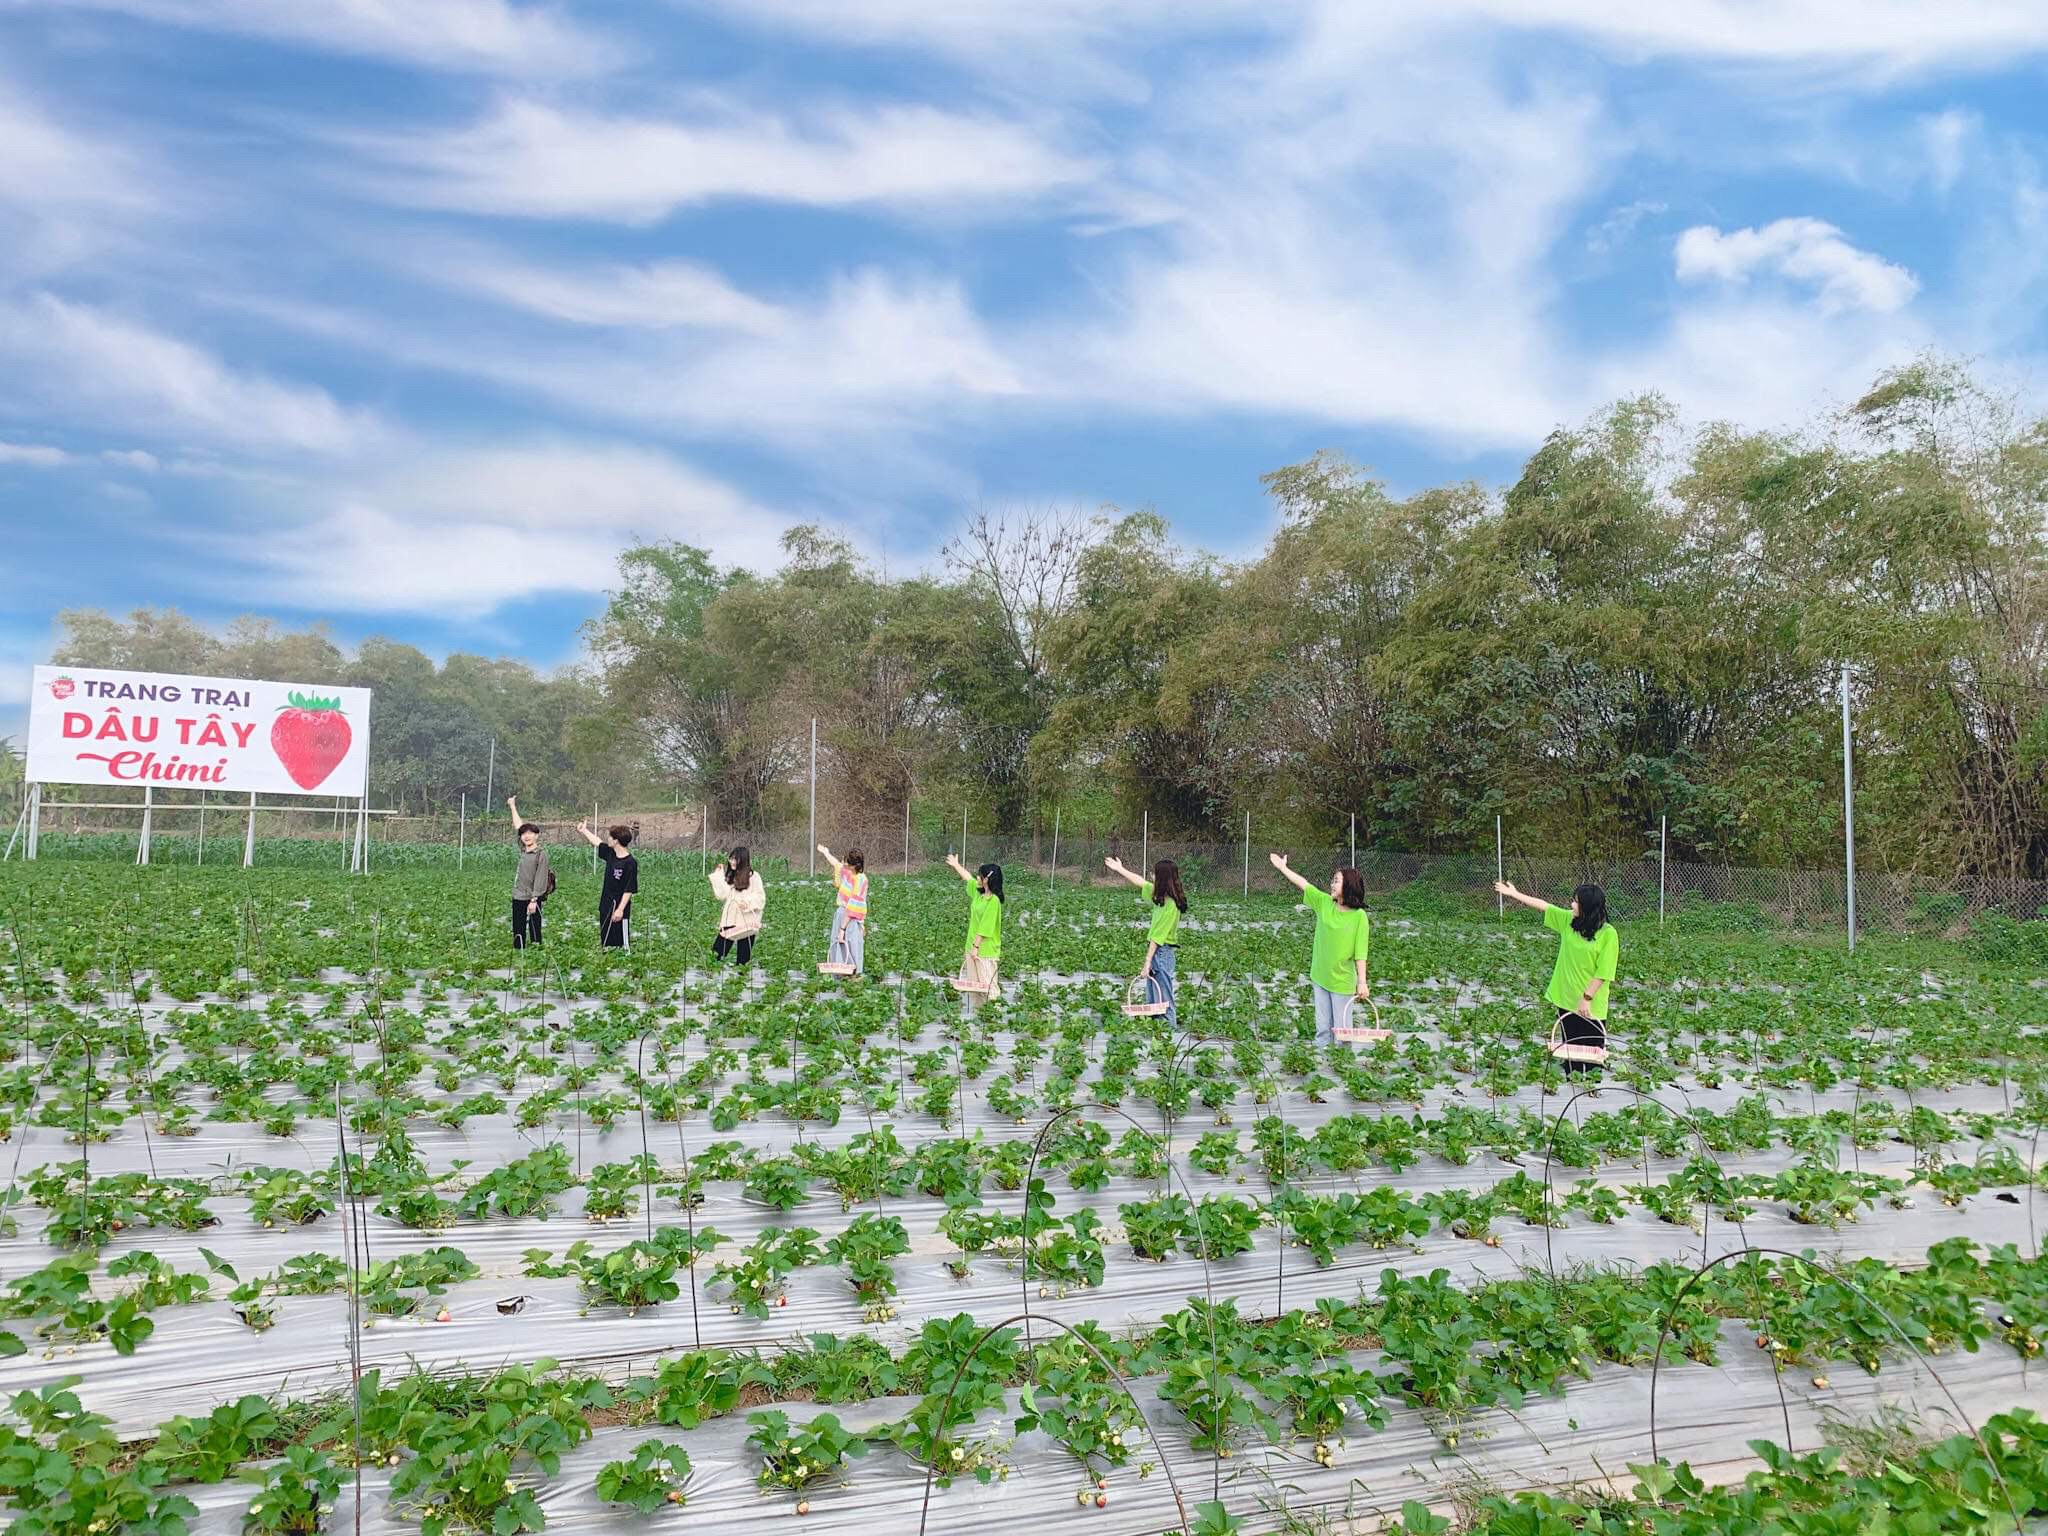 Vườn dâu tây cũng đang chuẩn bị chín rộ chờ bạn trải nghiệm